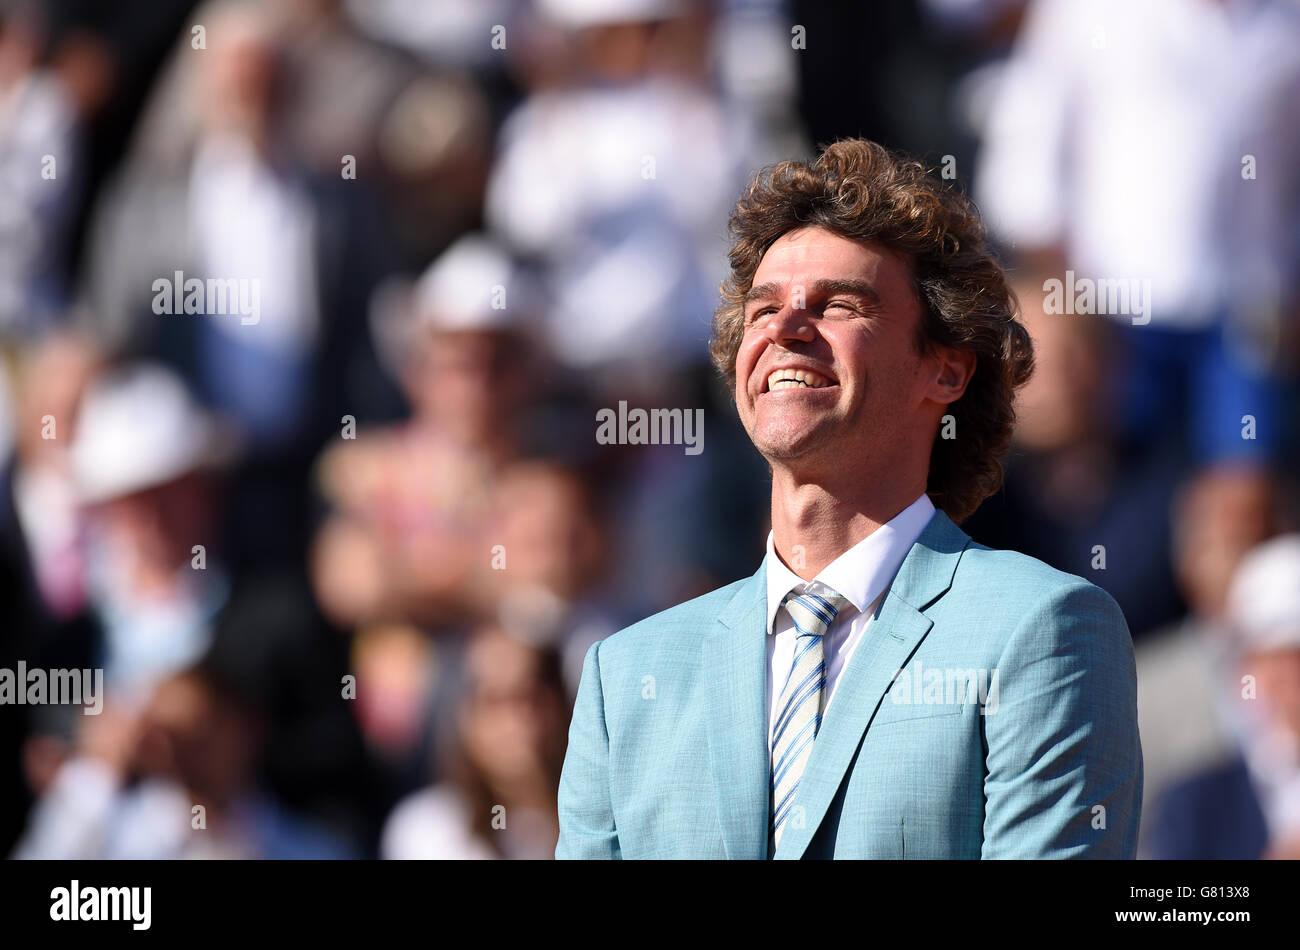 Gustavo Kuerten am 15. Tag der French Open bei Roland Garros am 7. Juni 2015 in Paris, Frankreich Stockfoto